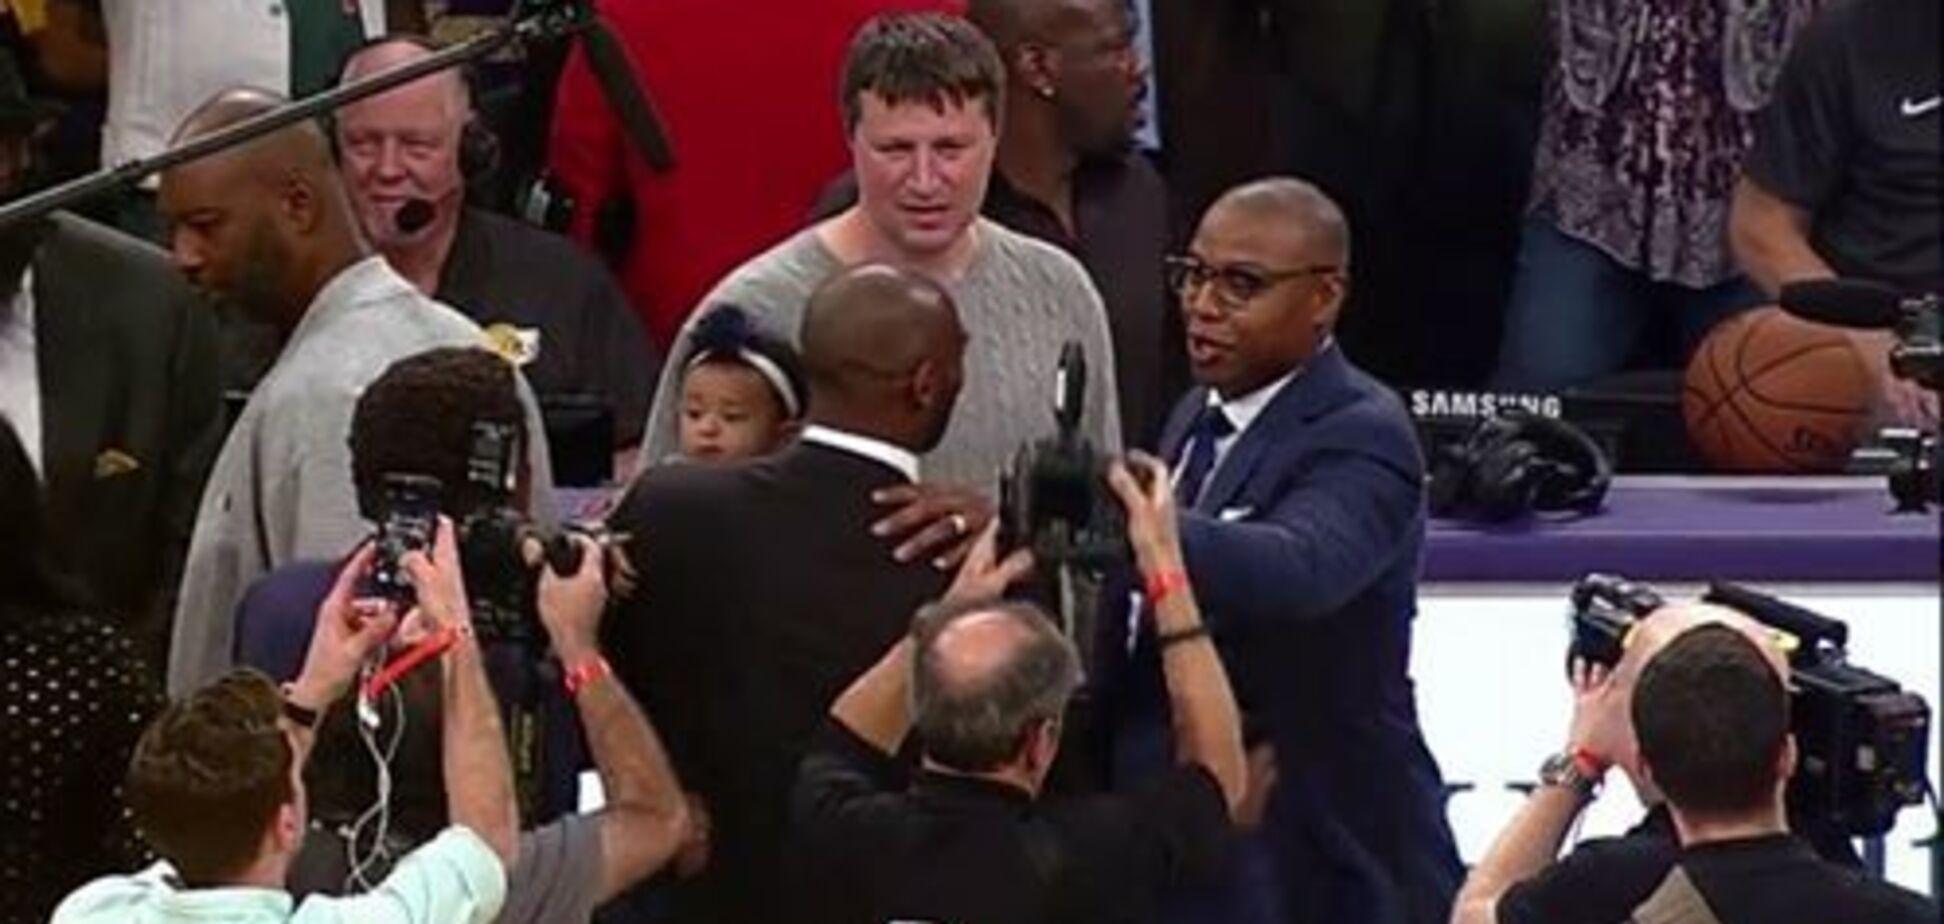 За участю українця: у США влаштували шоу на честь легенди НБА